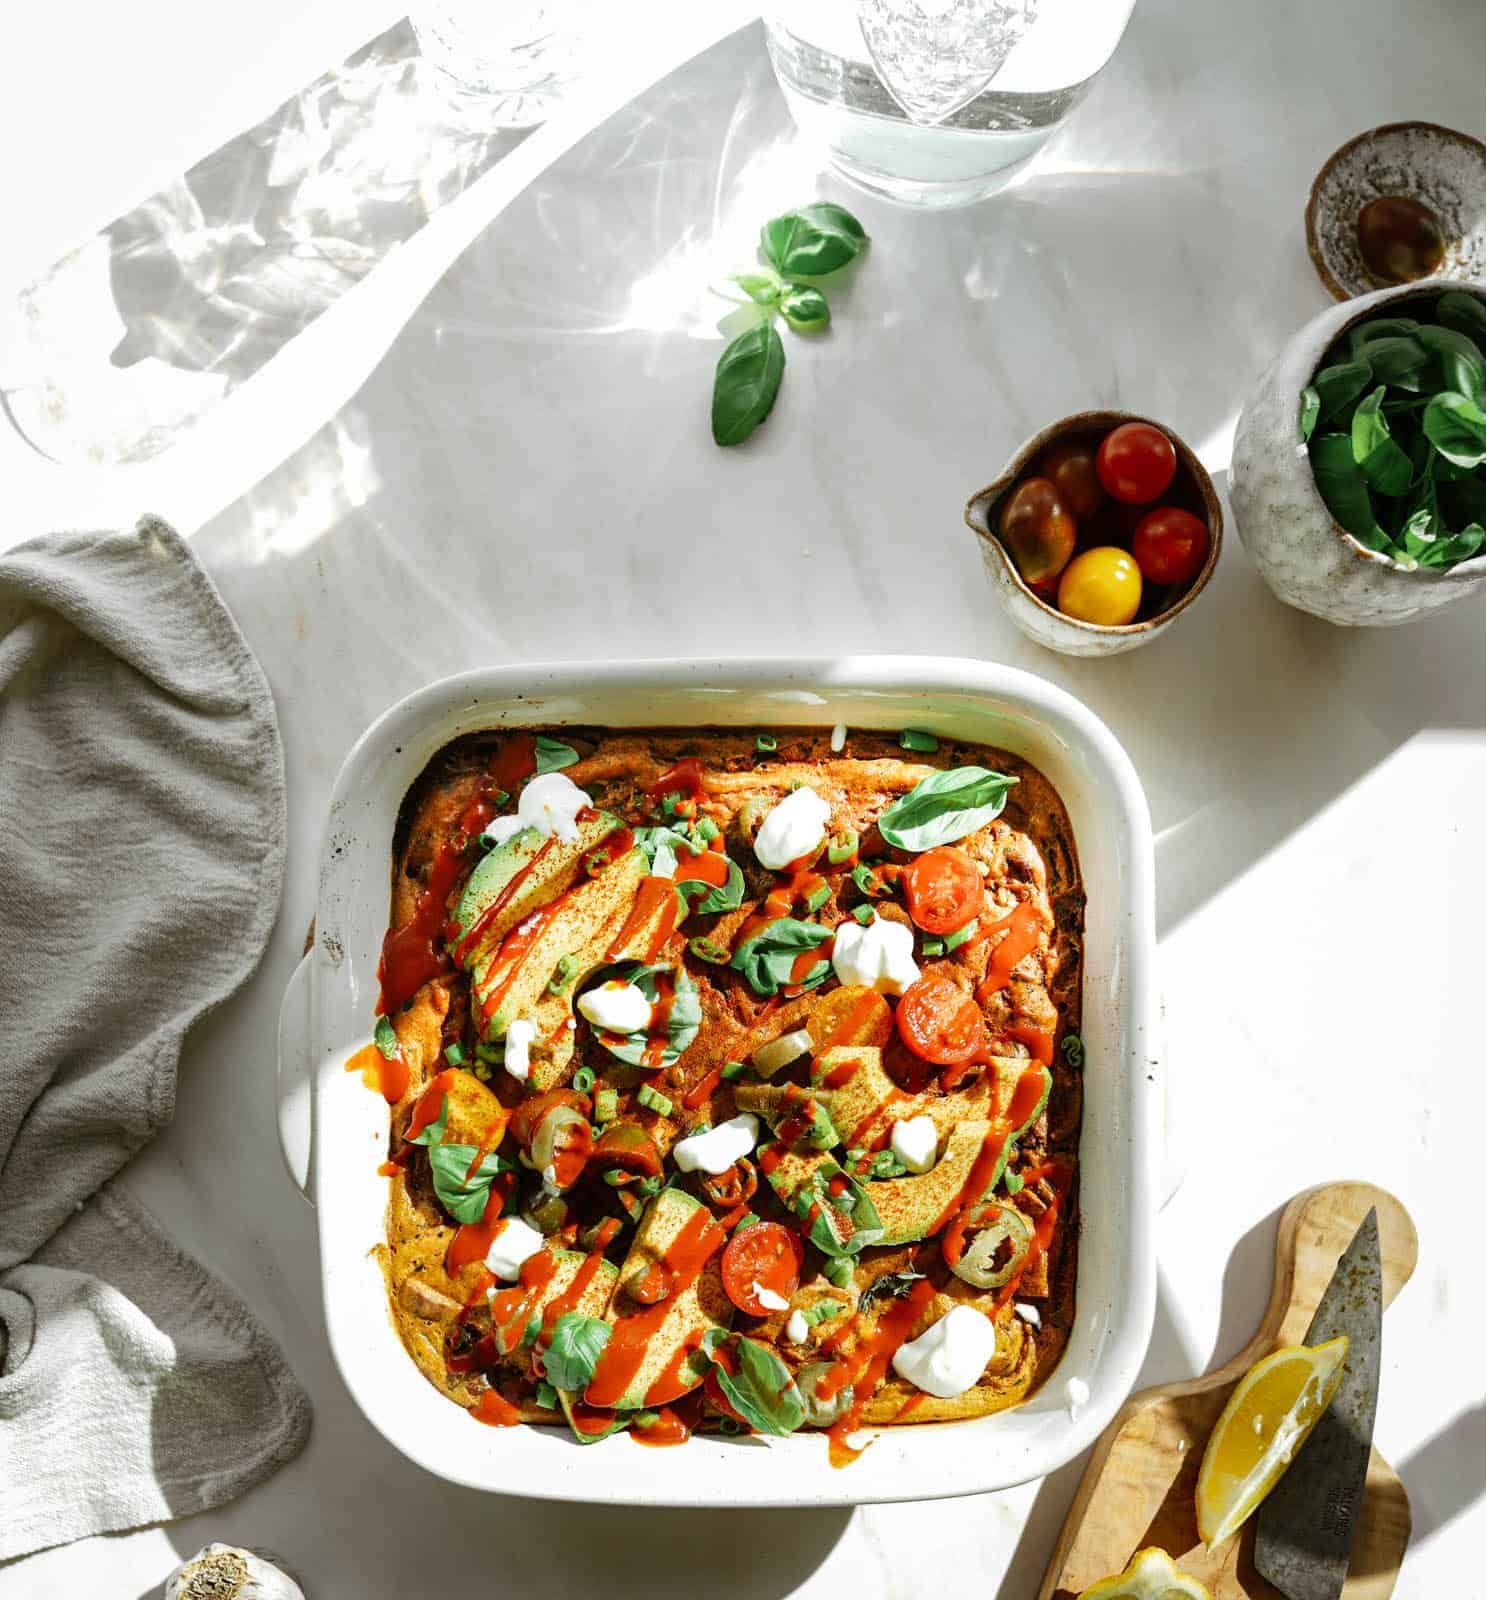 Vegan breakfast casserole in a casserole dish